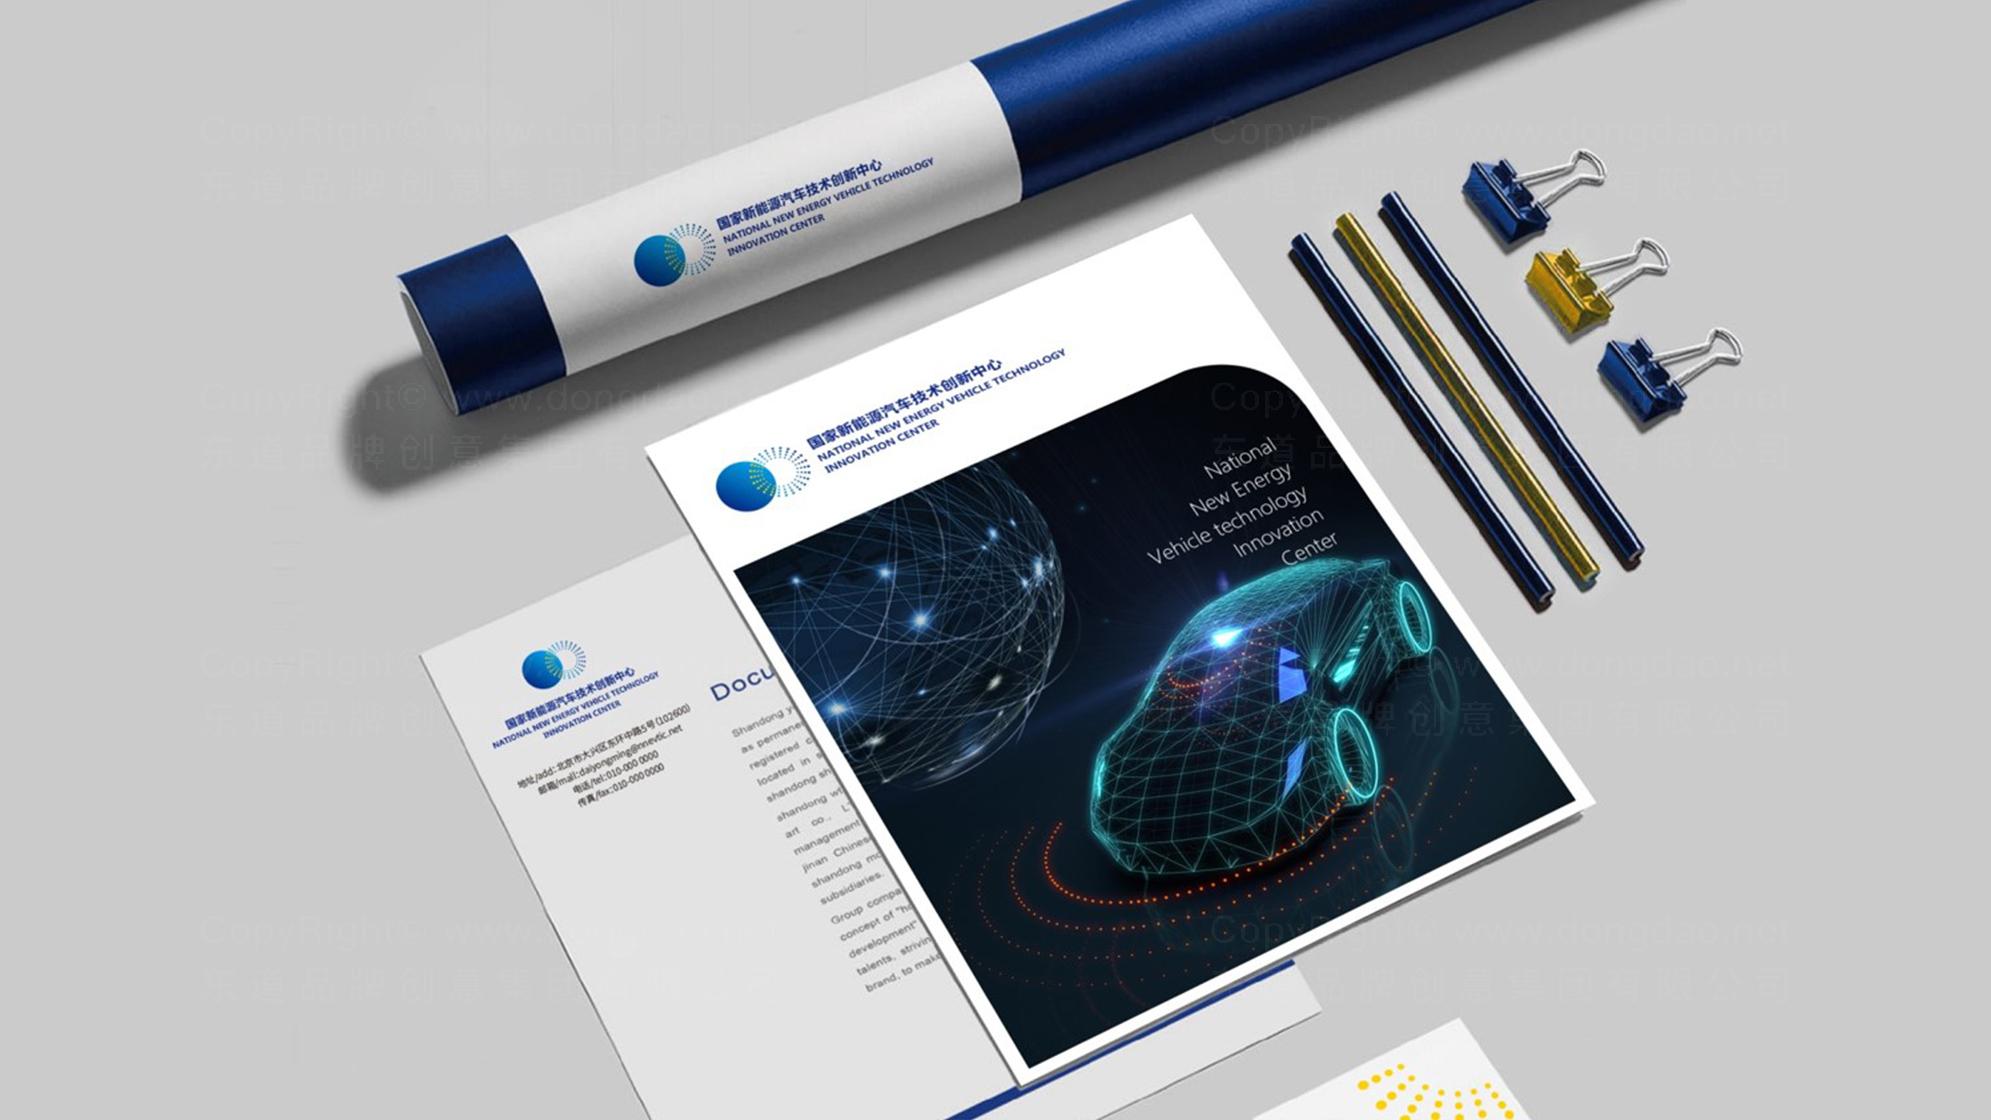 品牌设计国家新能源汽车技术创新中心标志设计应用场景_8